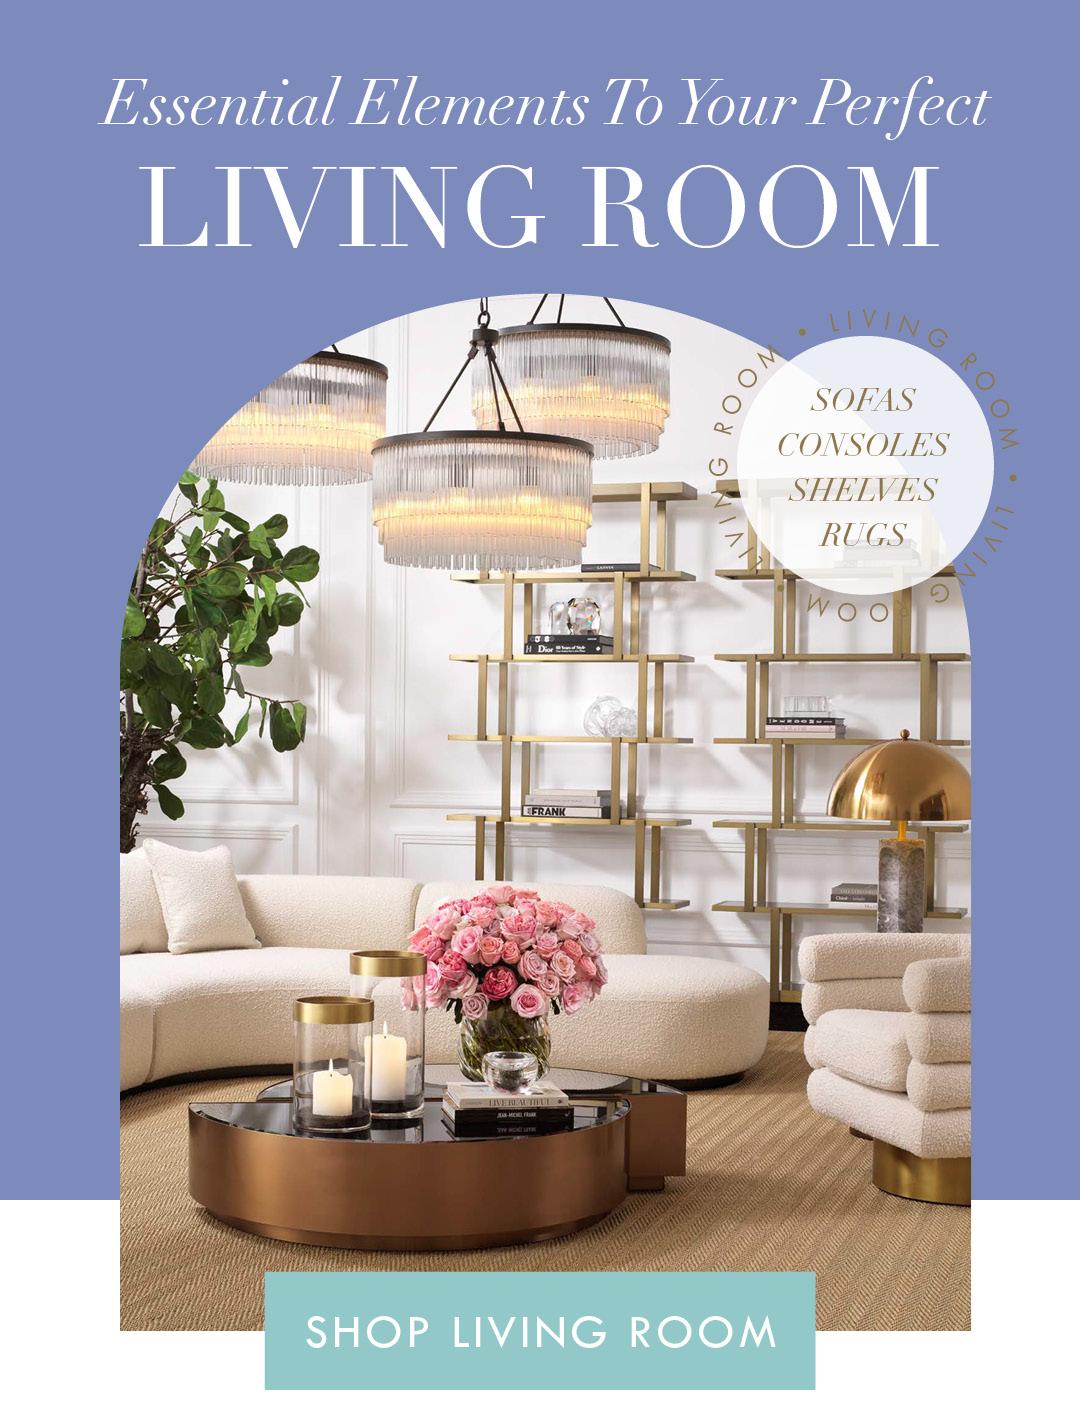 Shop Living Room Essentials!